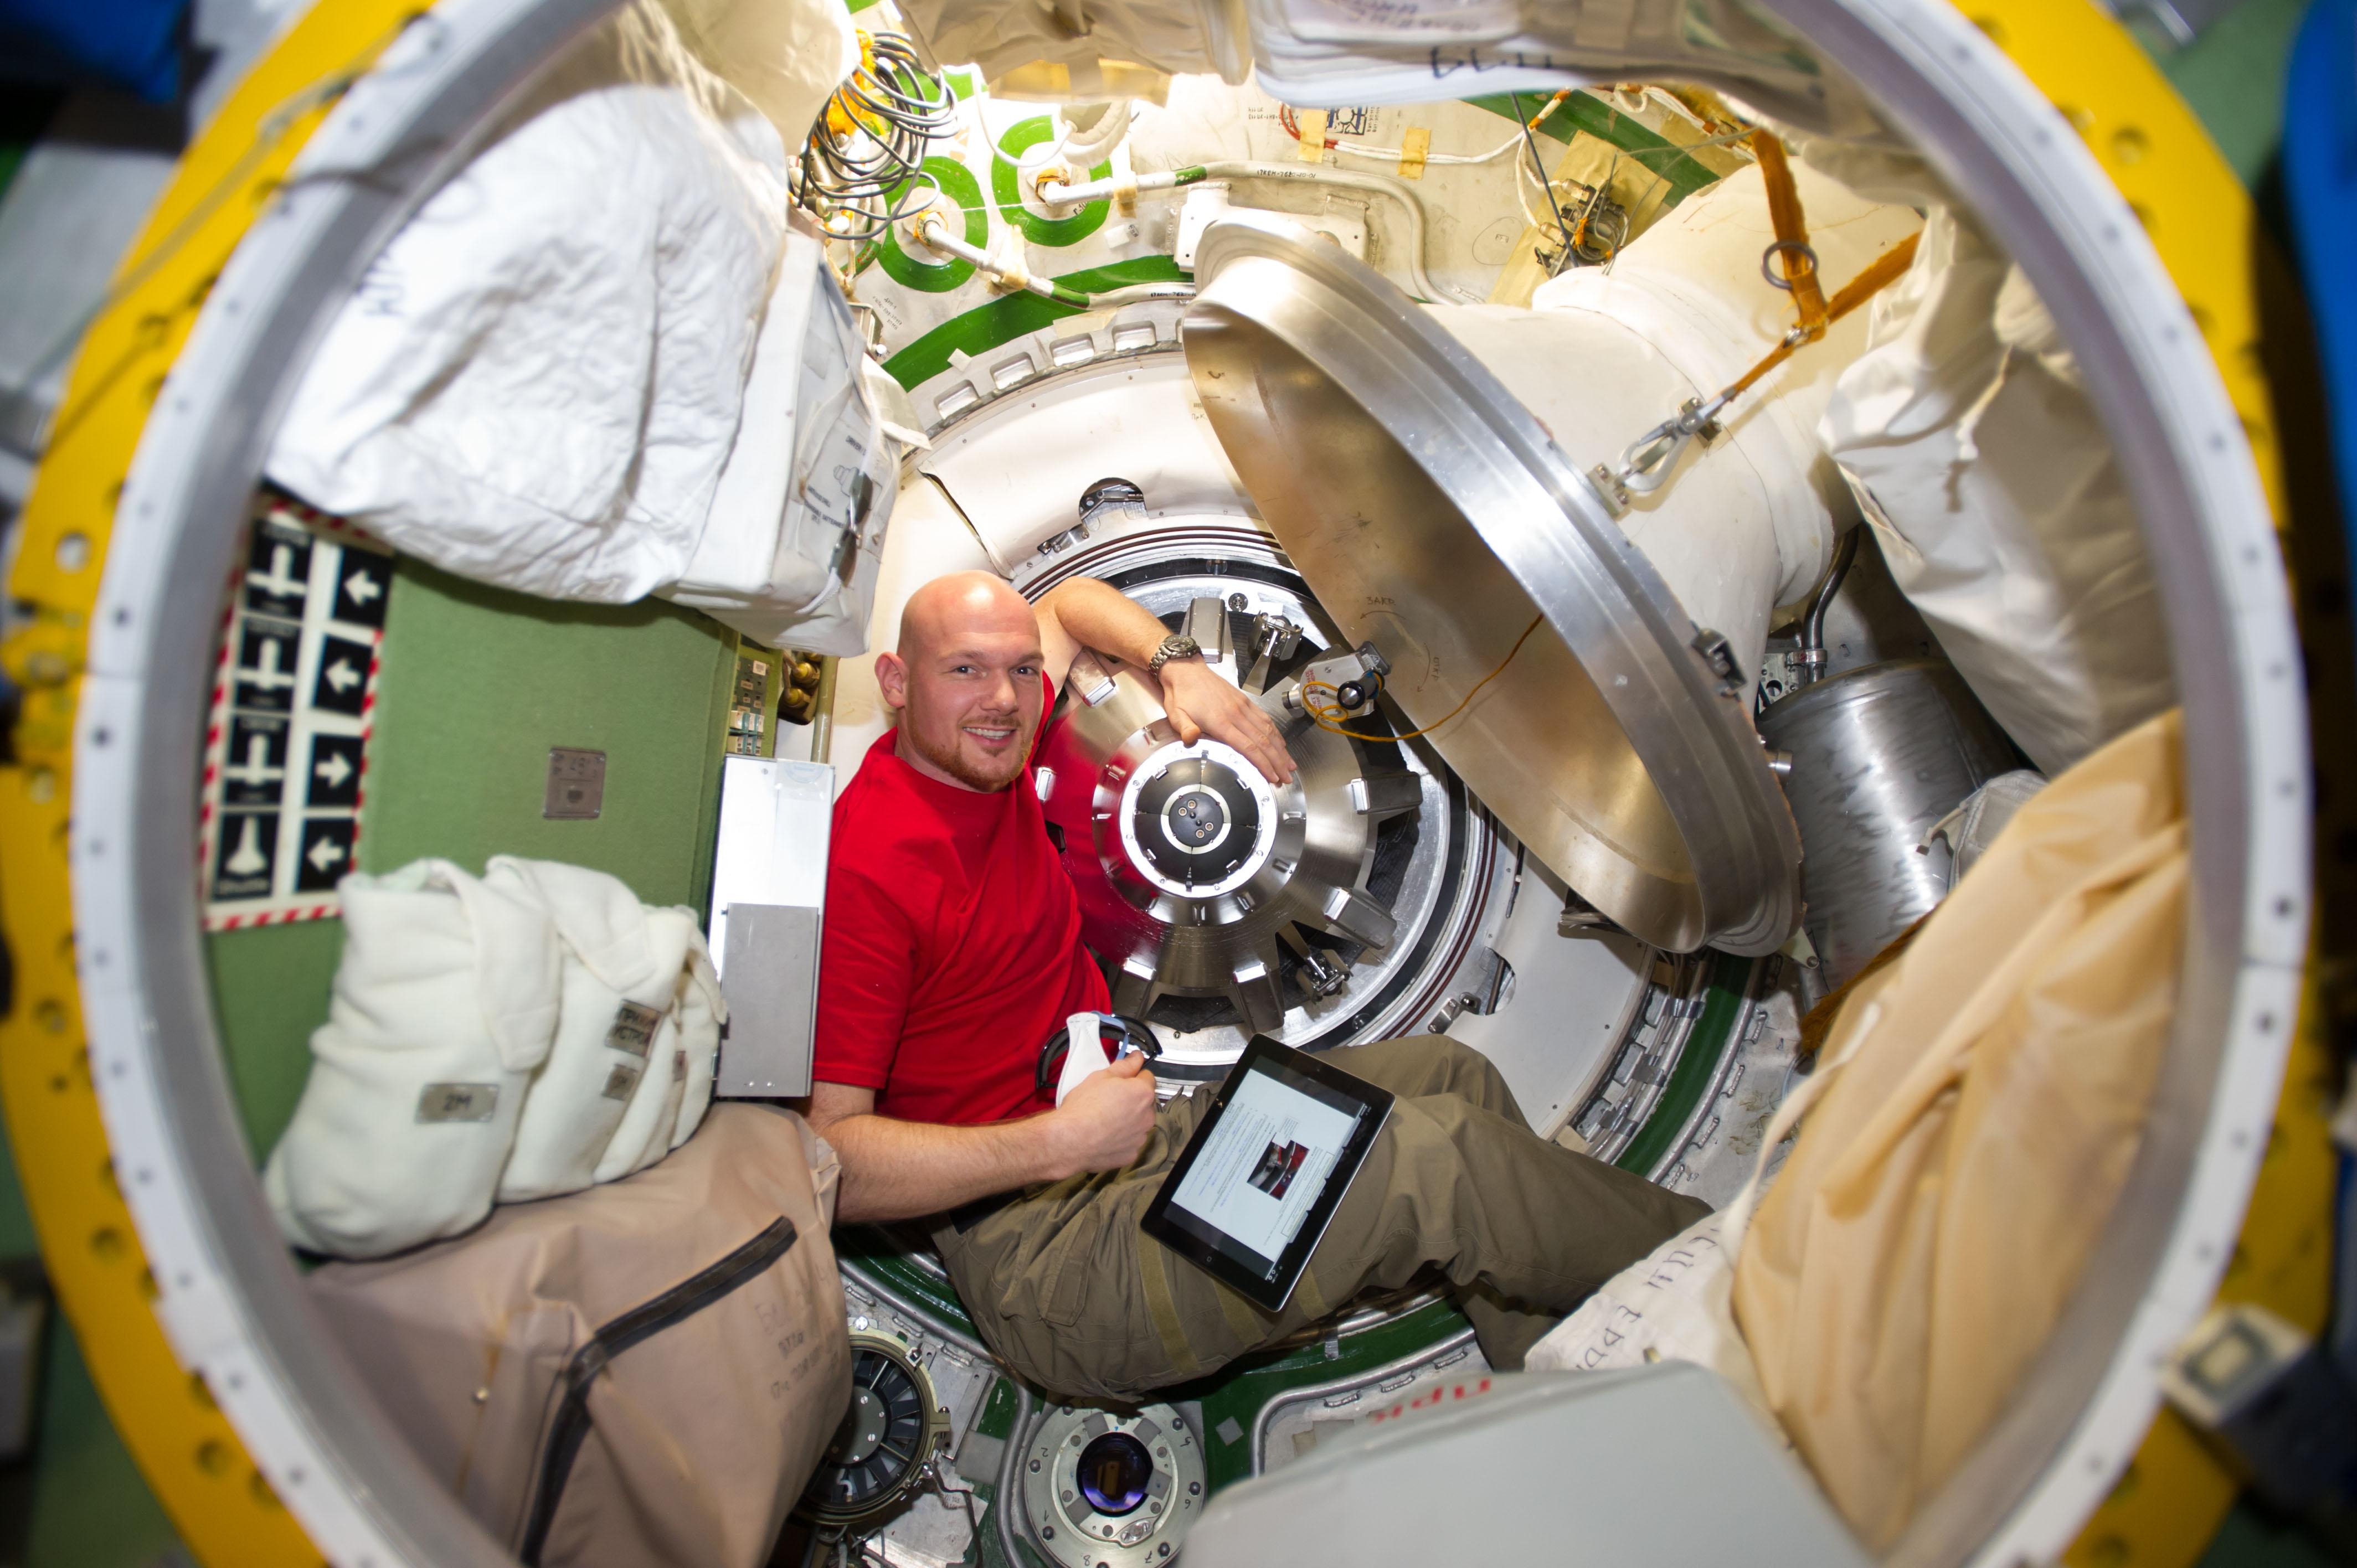 европейский космонавт Александр Герст в переходном отсеке Звезды